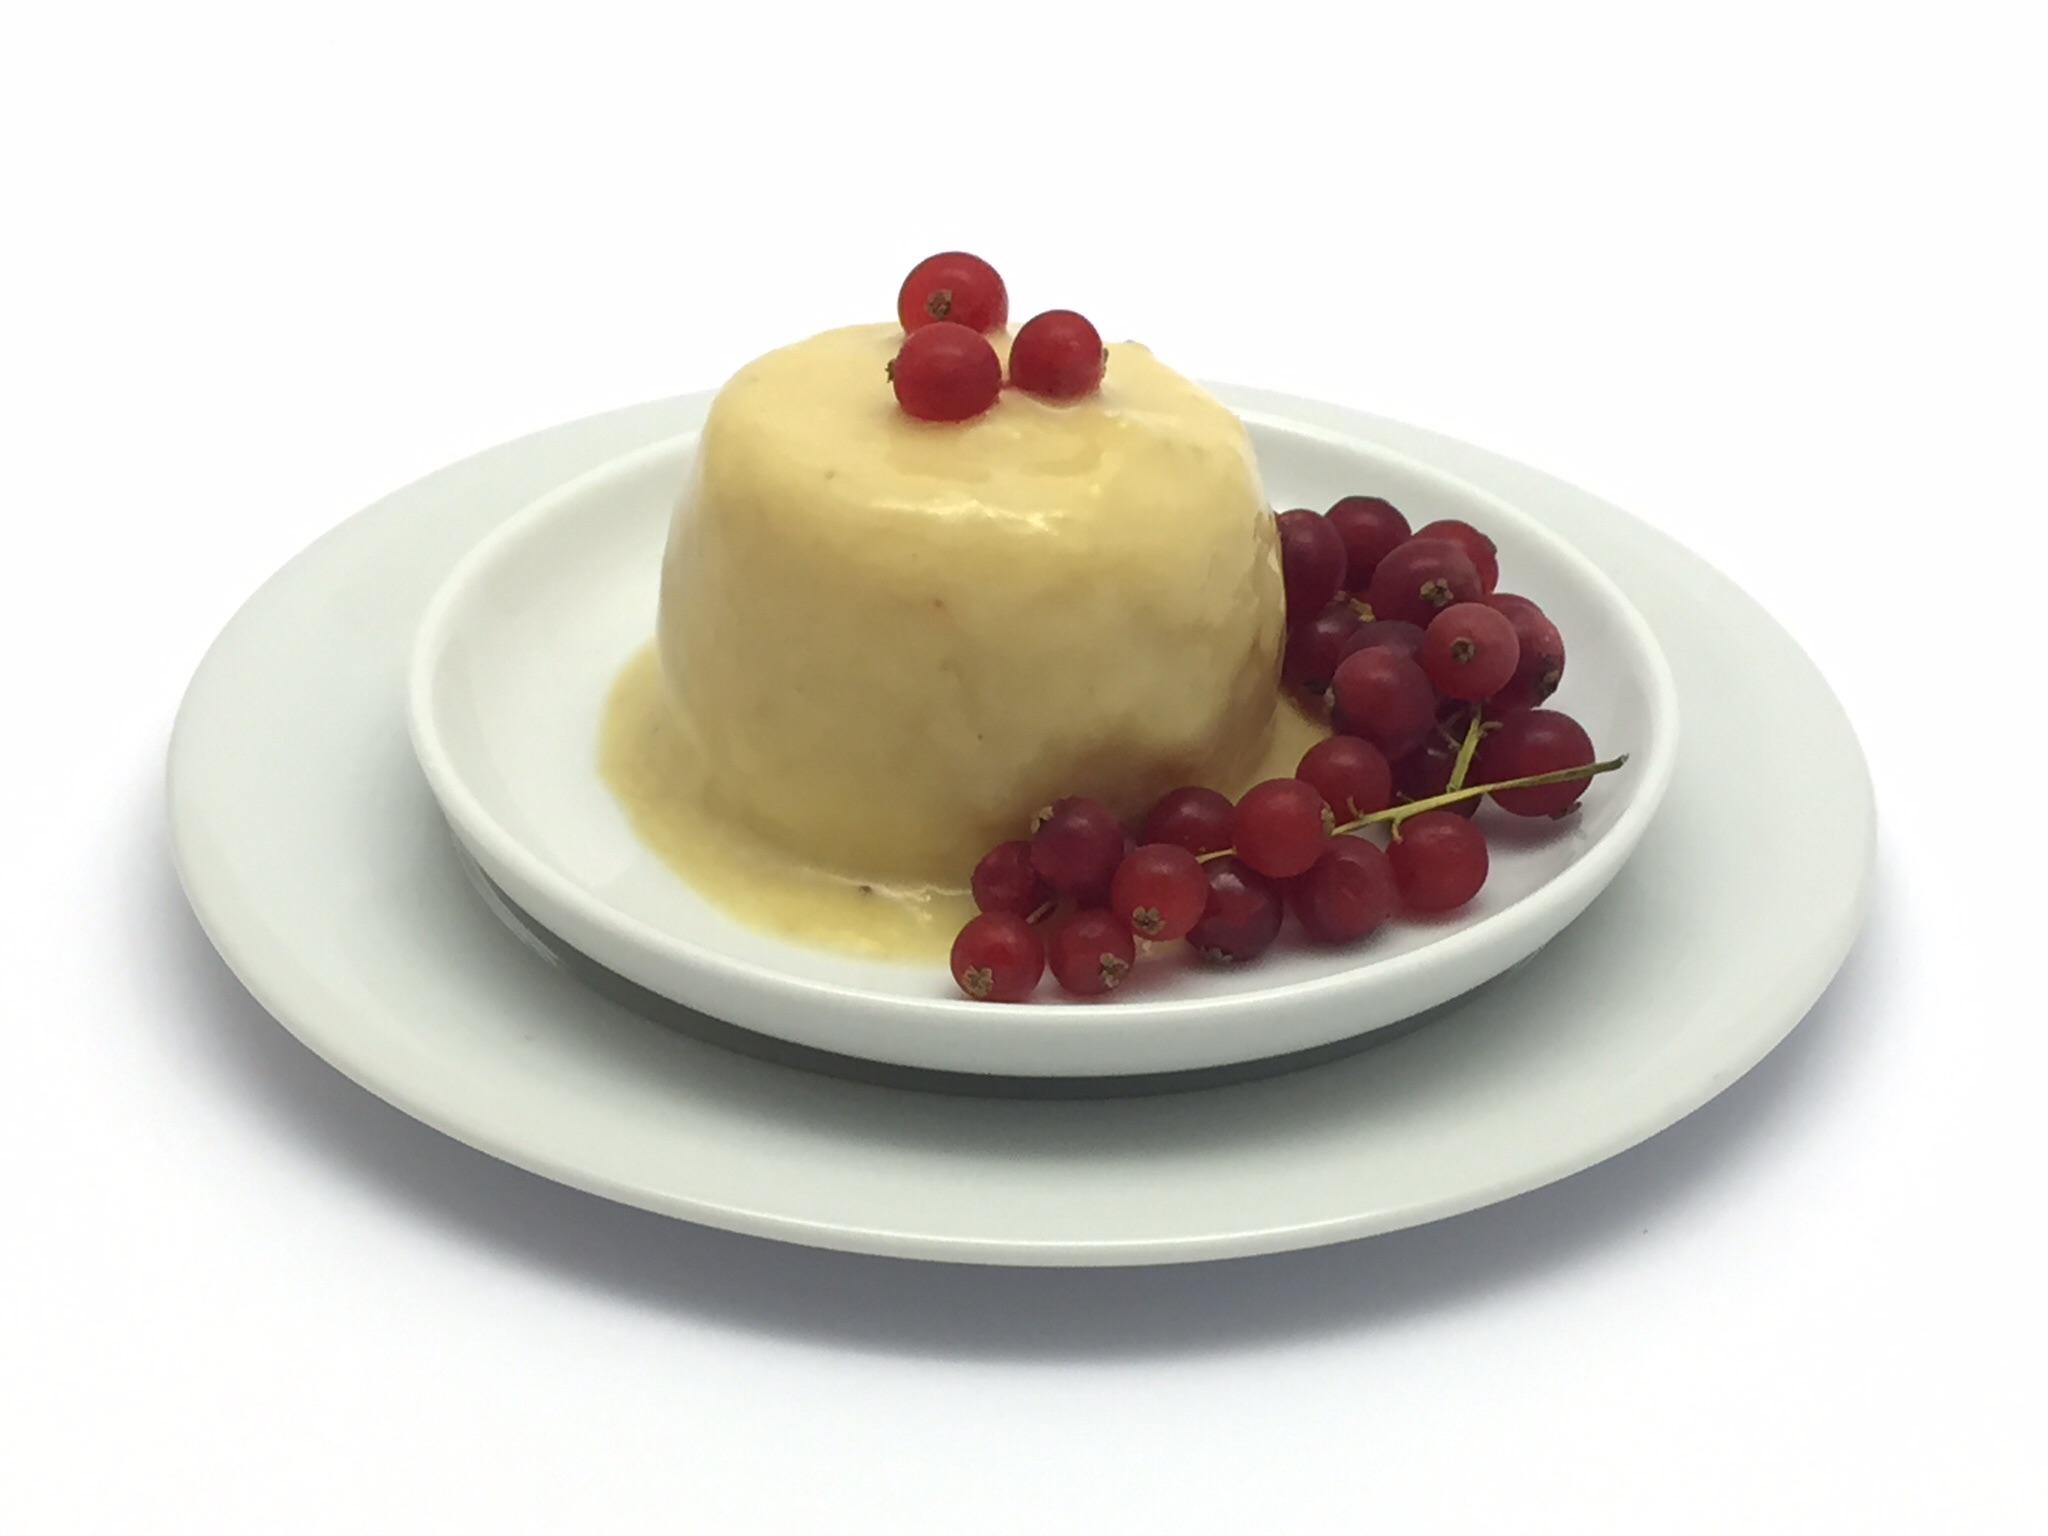 20 settembre 2015  - Crema fresca di pesche, banane e yogurt, senza glutine